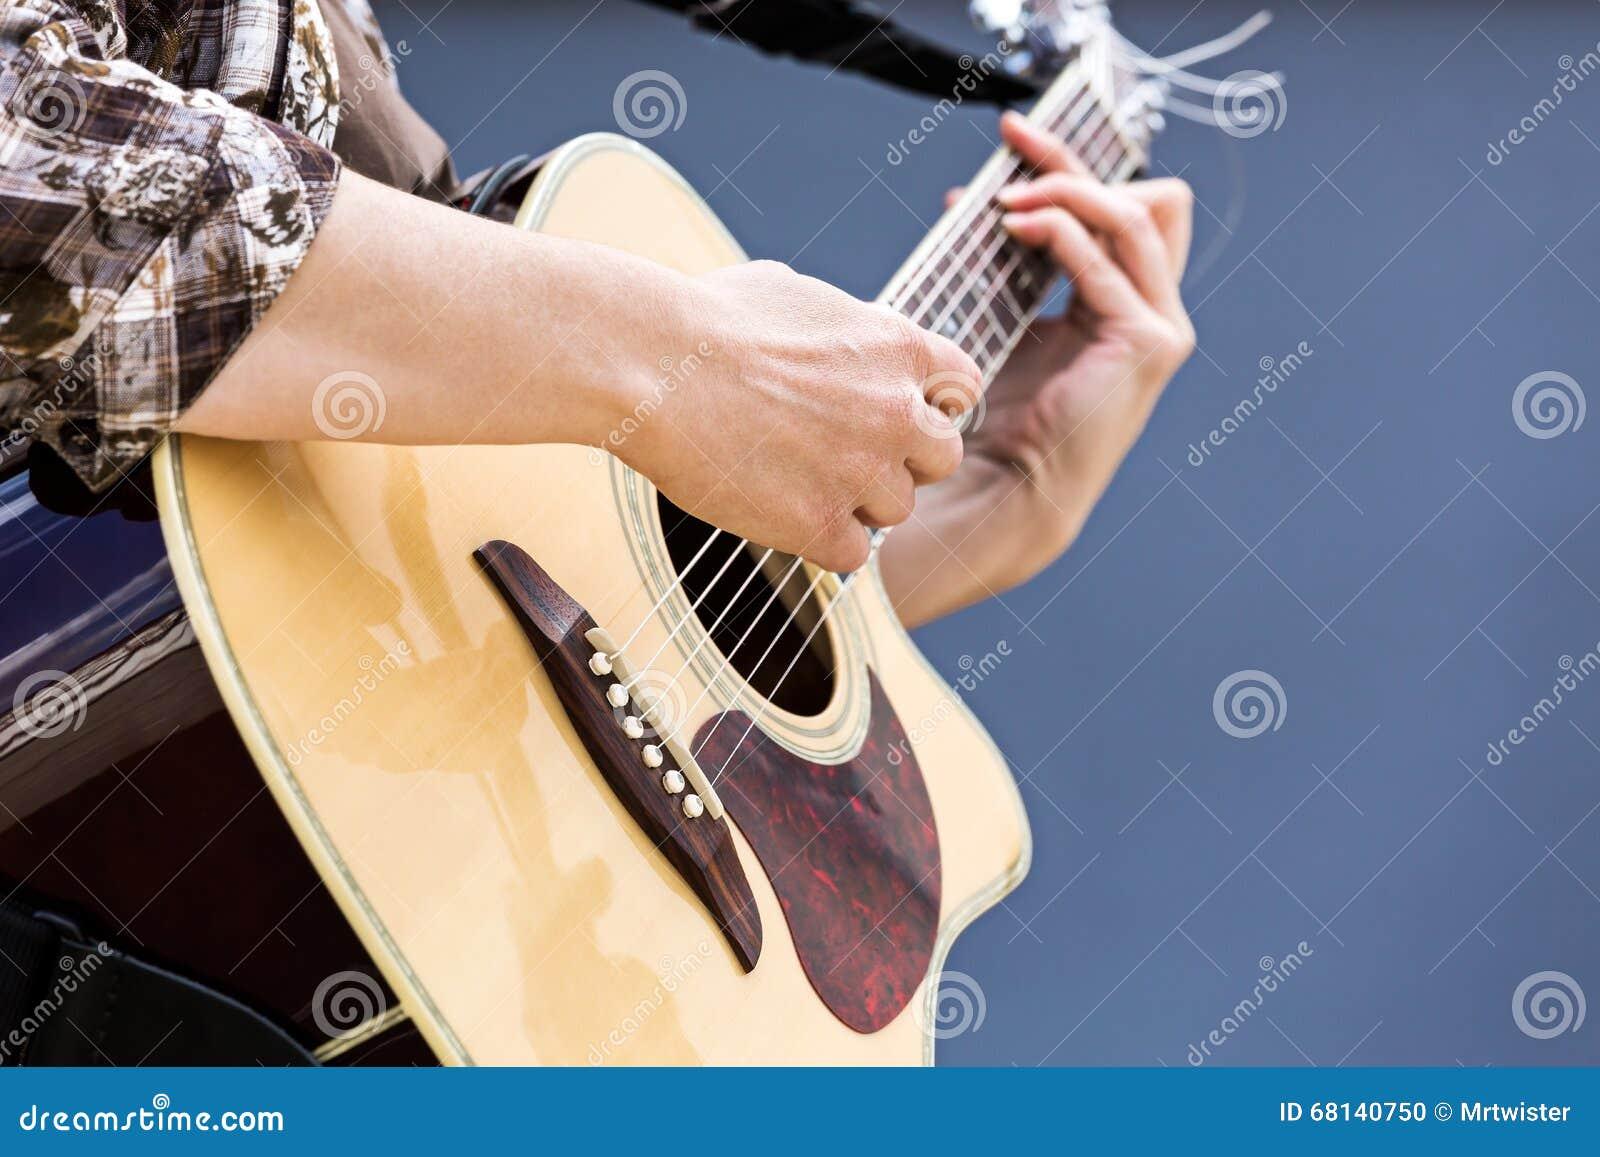 演奏声学吉他特写镜头的妇女的手